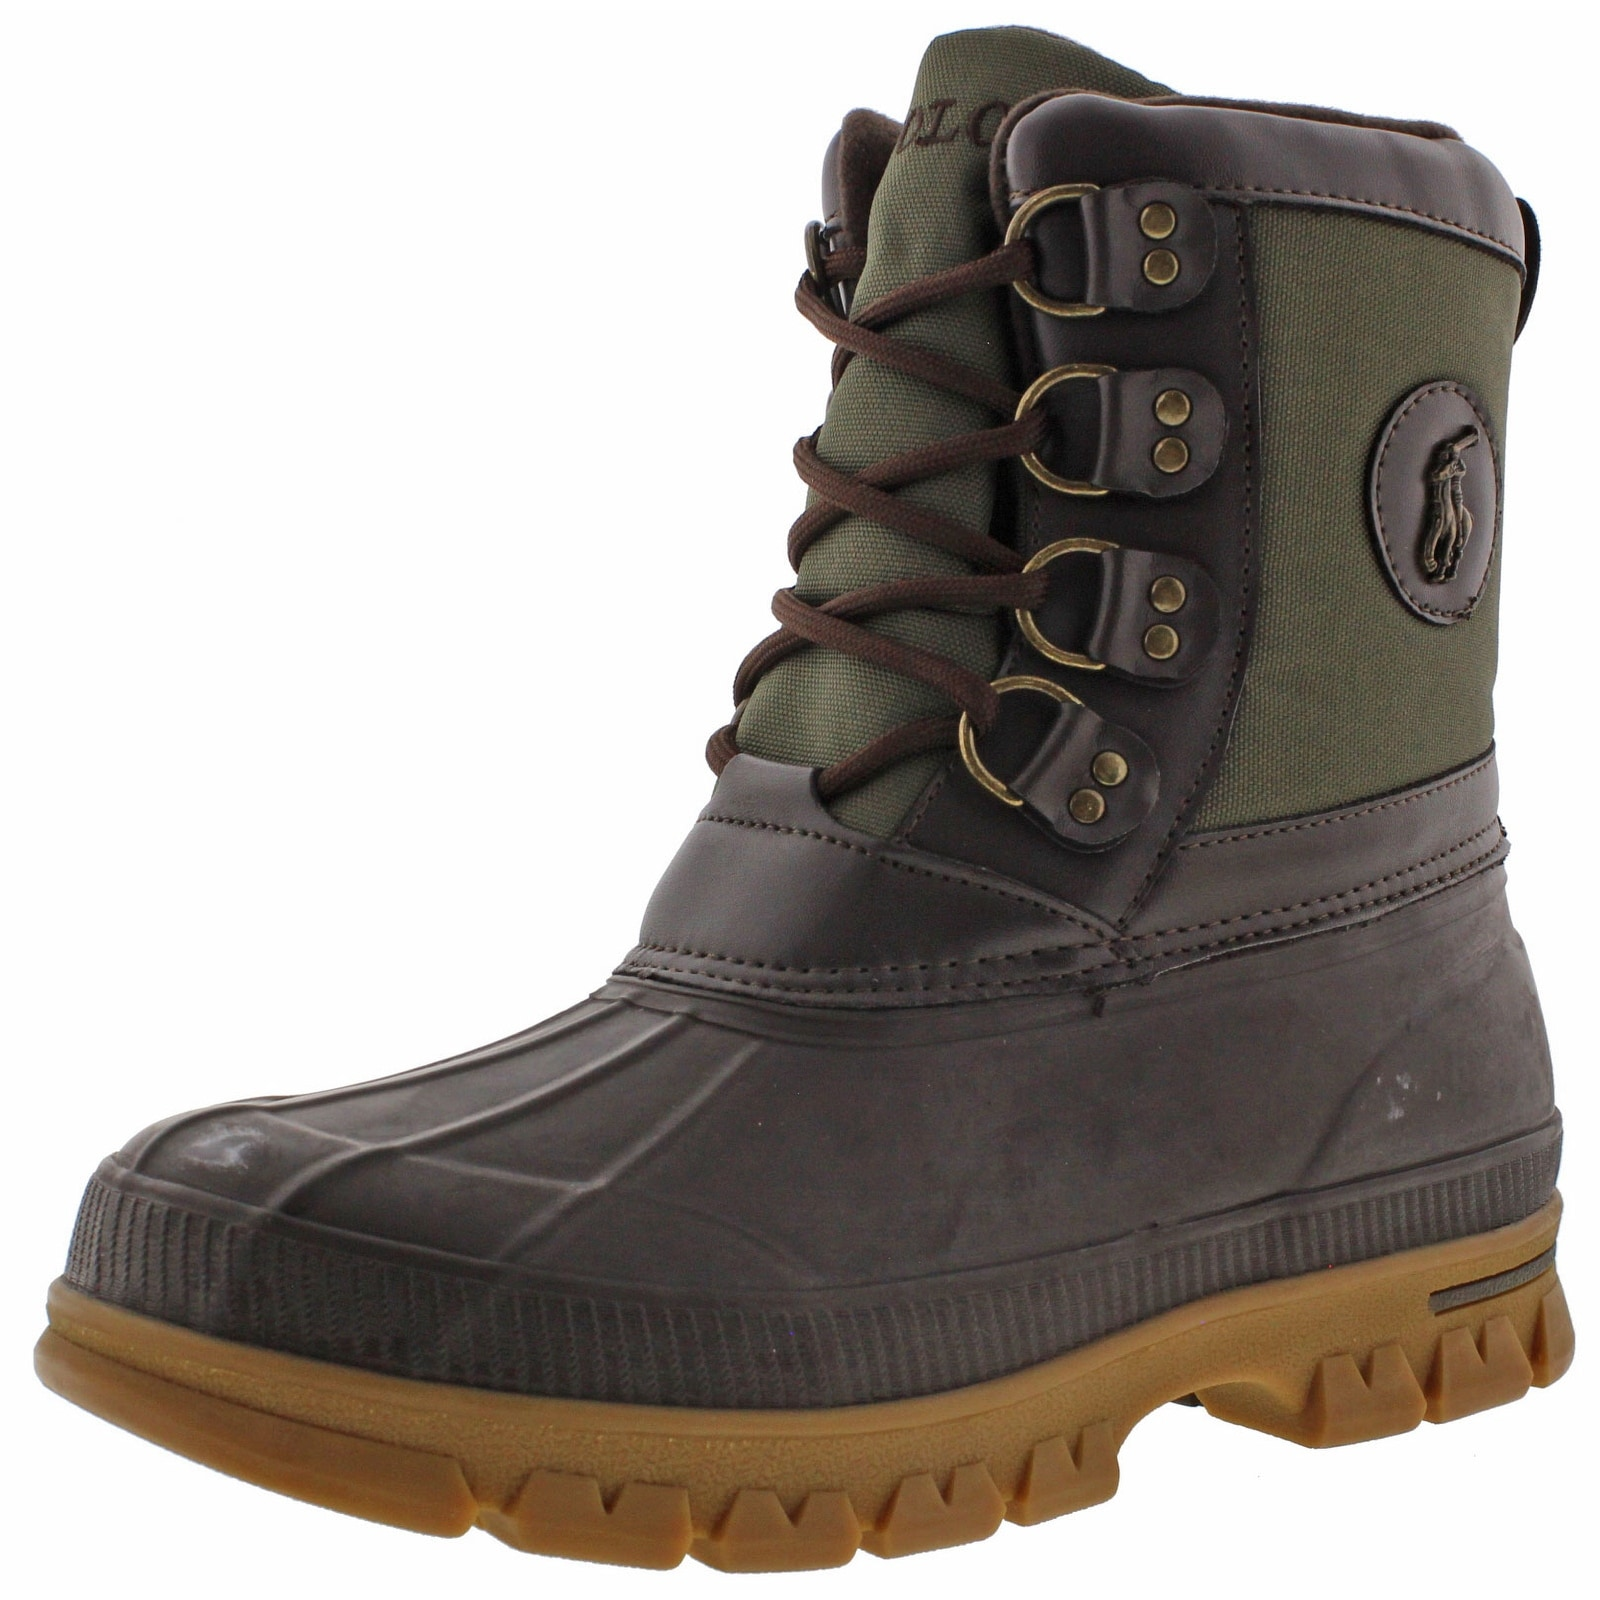 Snow Duck Boots Waterproof